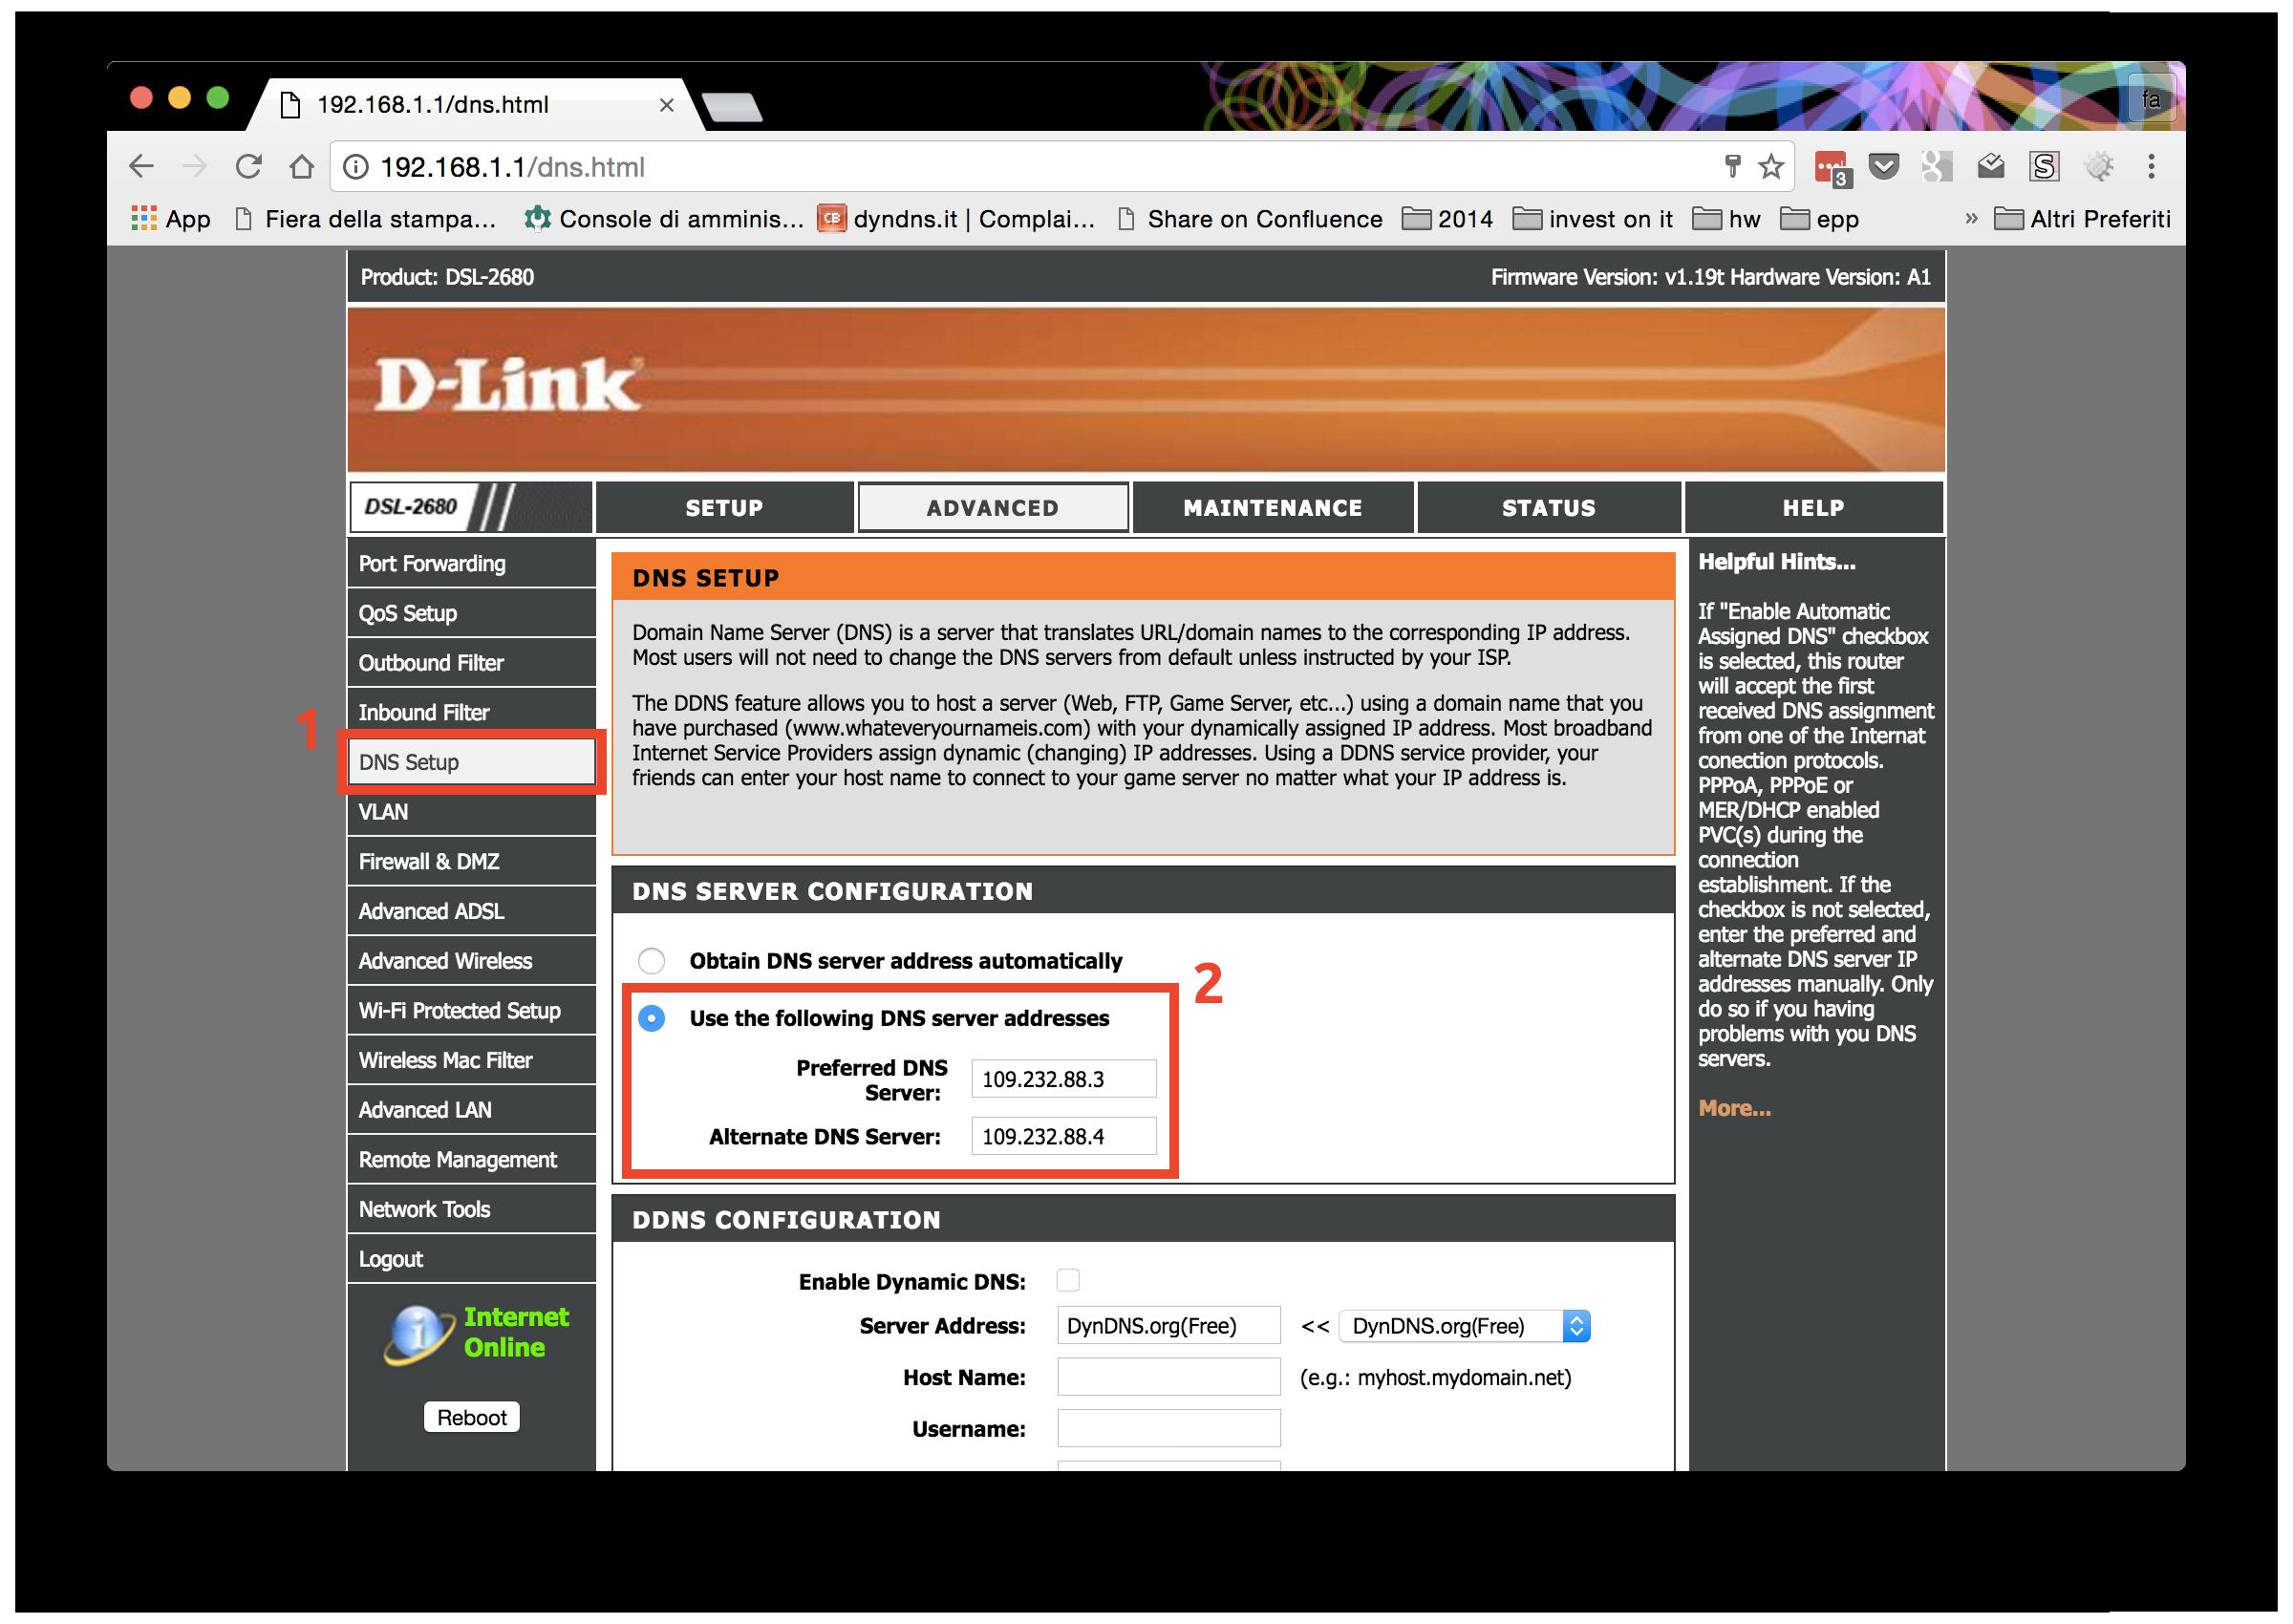 Configurazione dynDNS.it per D-Link - dynDNS.it - DNS dinamico gratuito